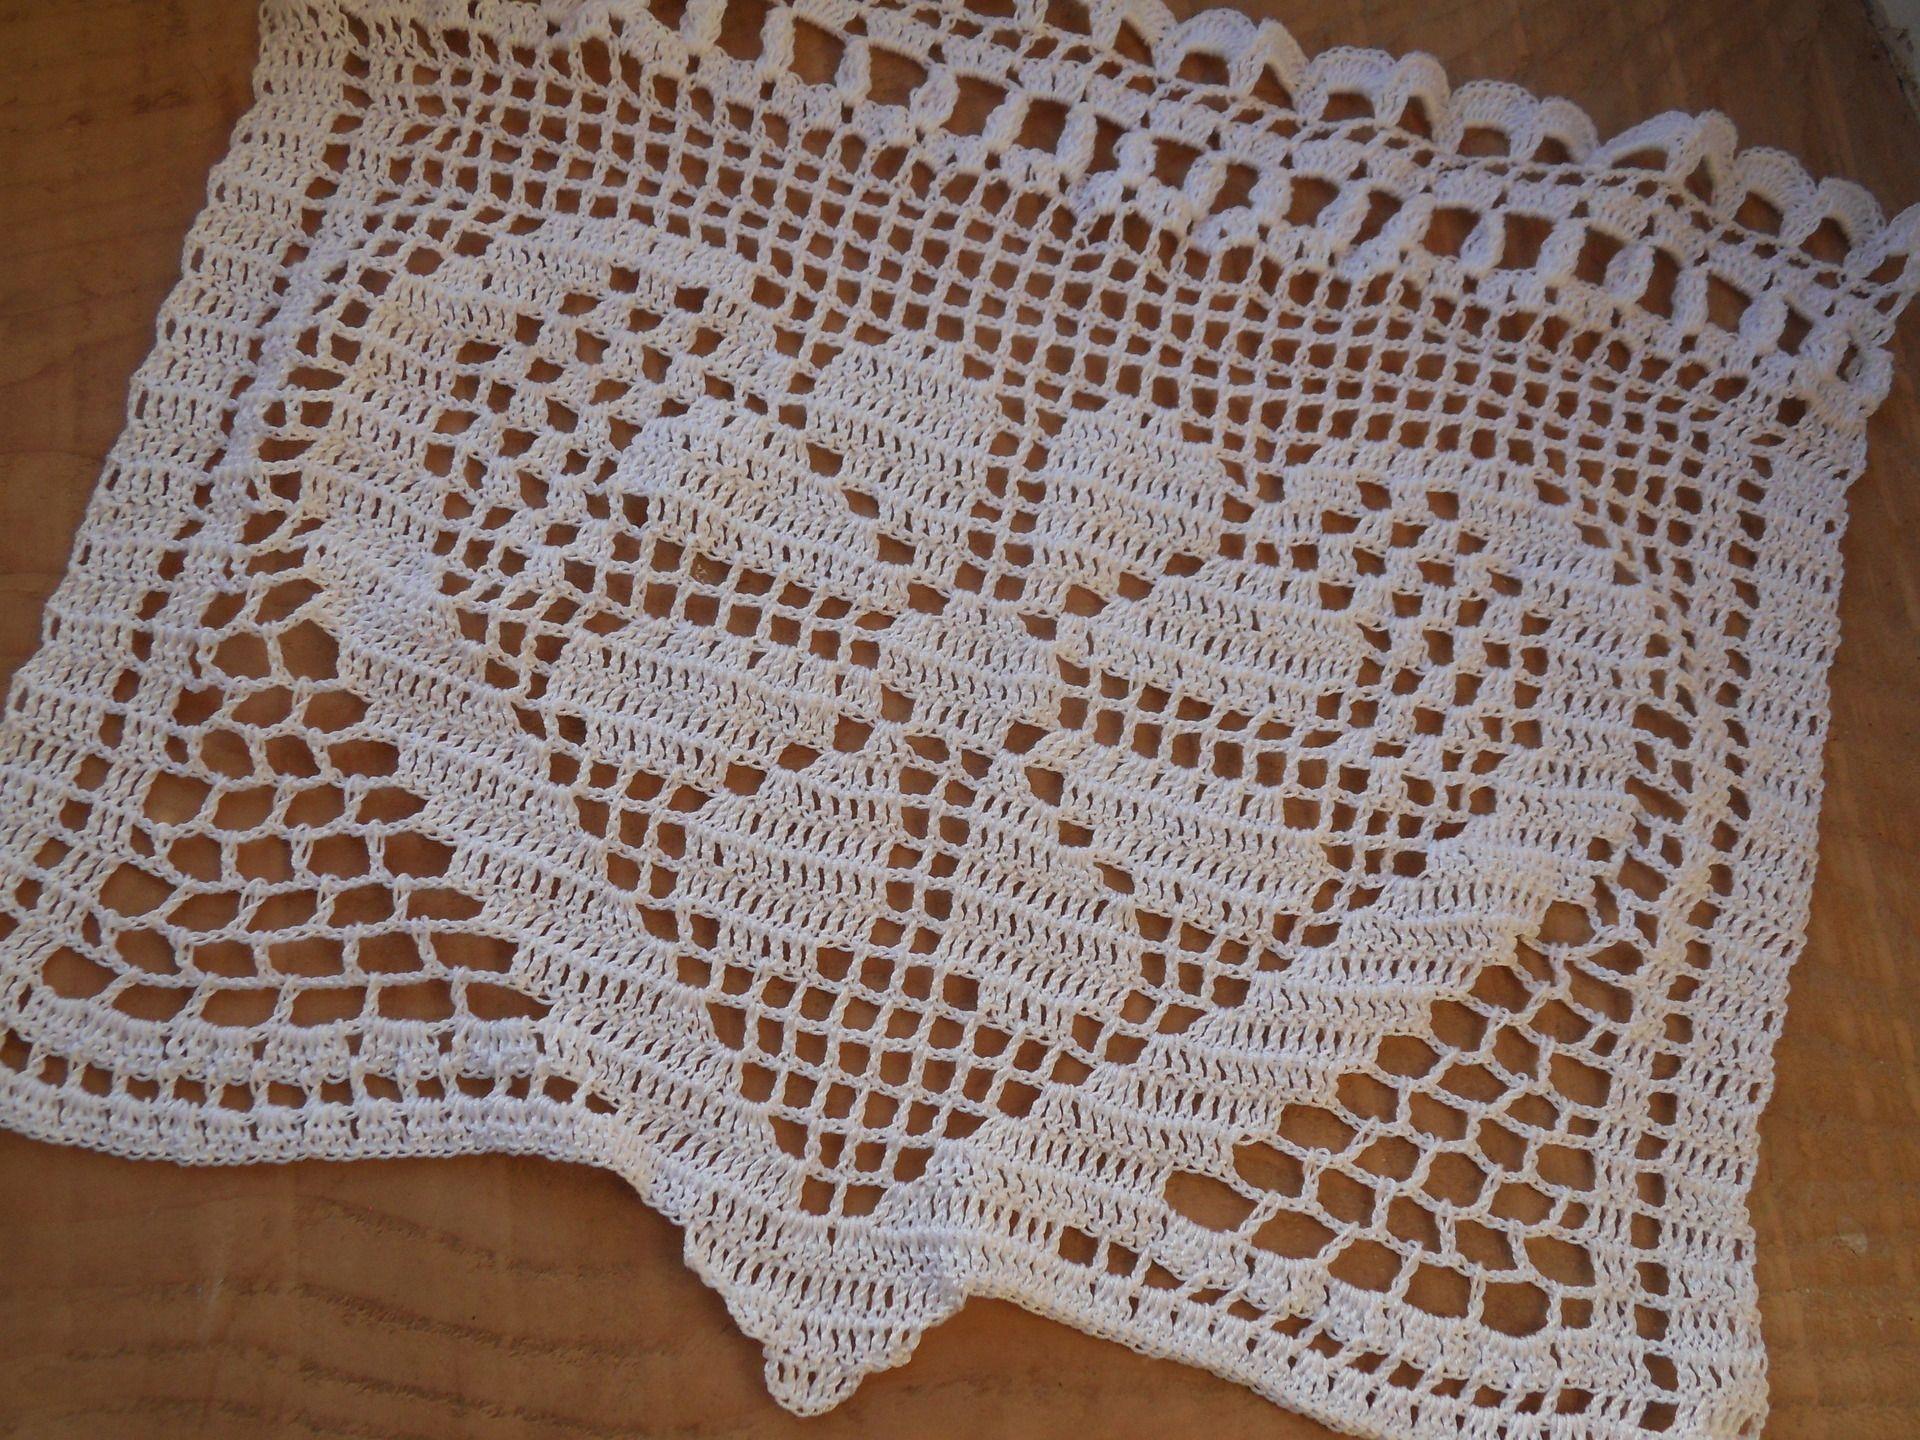 rideau voilage au crochet marguerite de coeurs zazdrostki pinterest rideaux crochet et. Black Bedroom Furniture Sets. Home Design Ideas